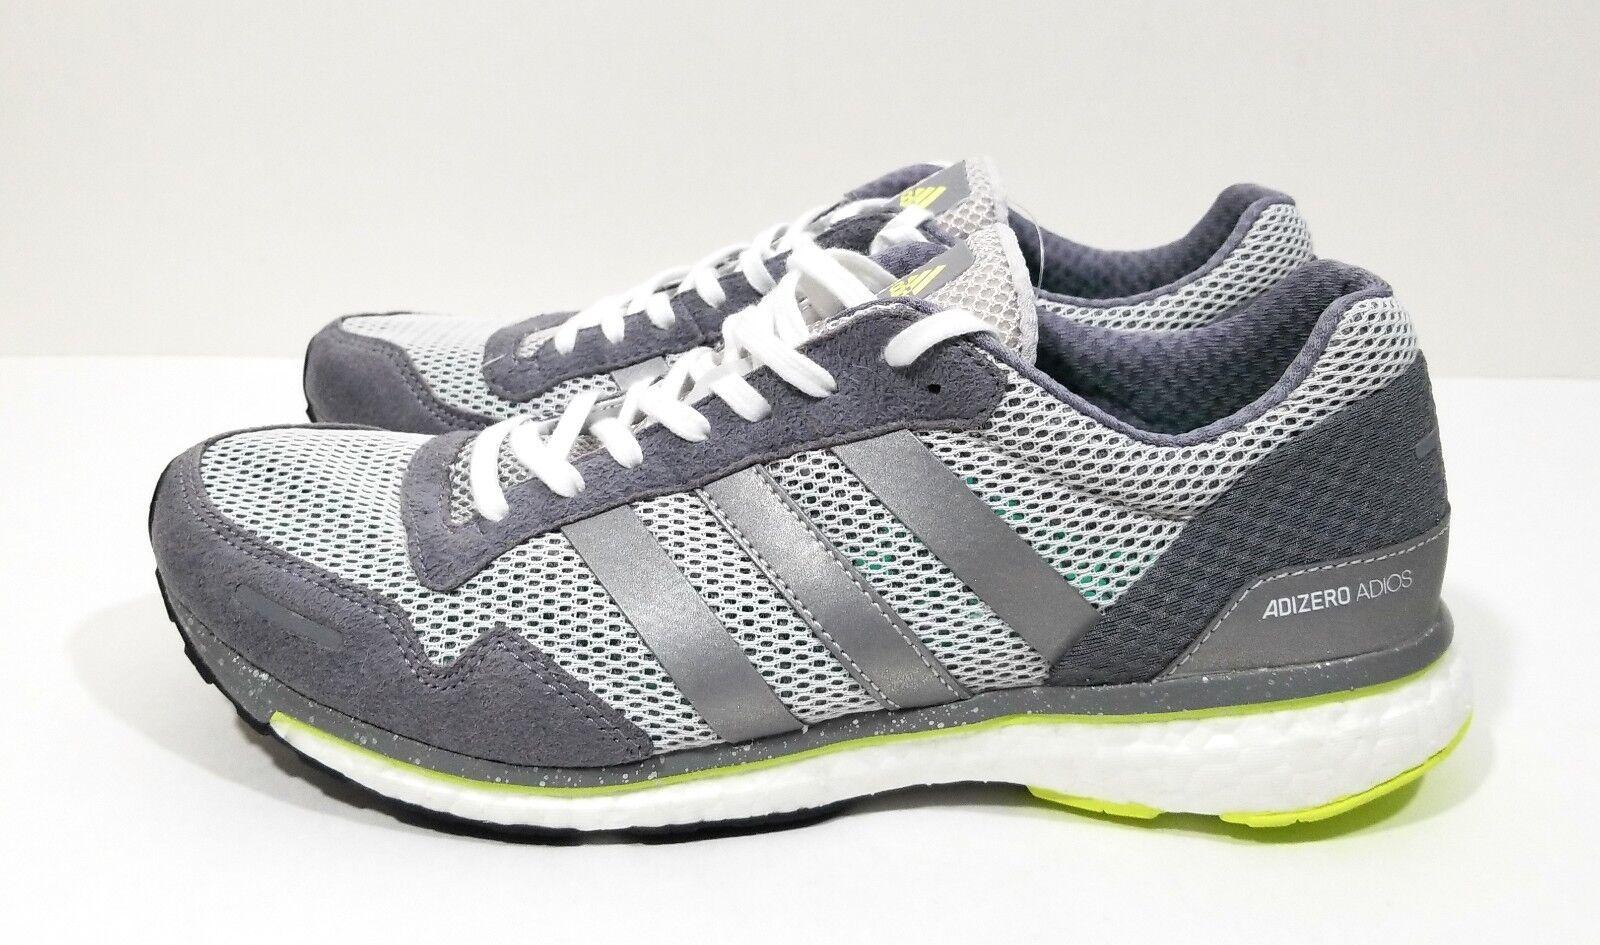 Adidas Adizero Adios Adios Adios 3 Womens Running shoes Grey Silver Size 9.5 f1bfa3